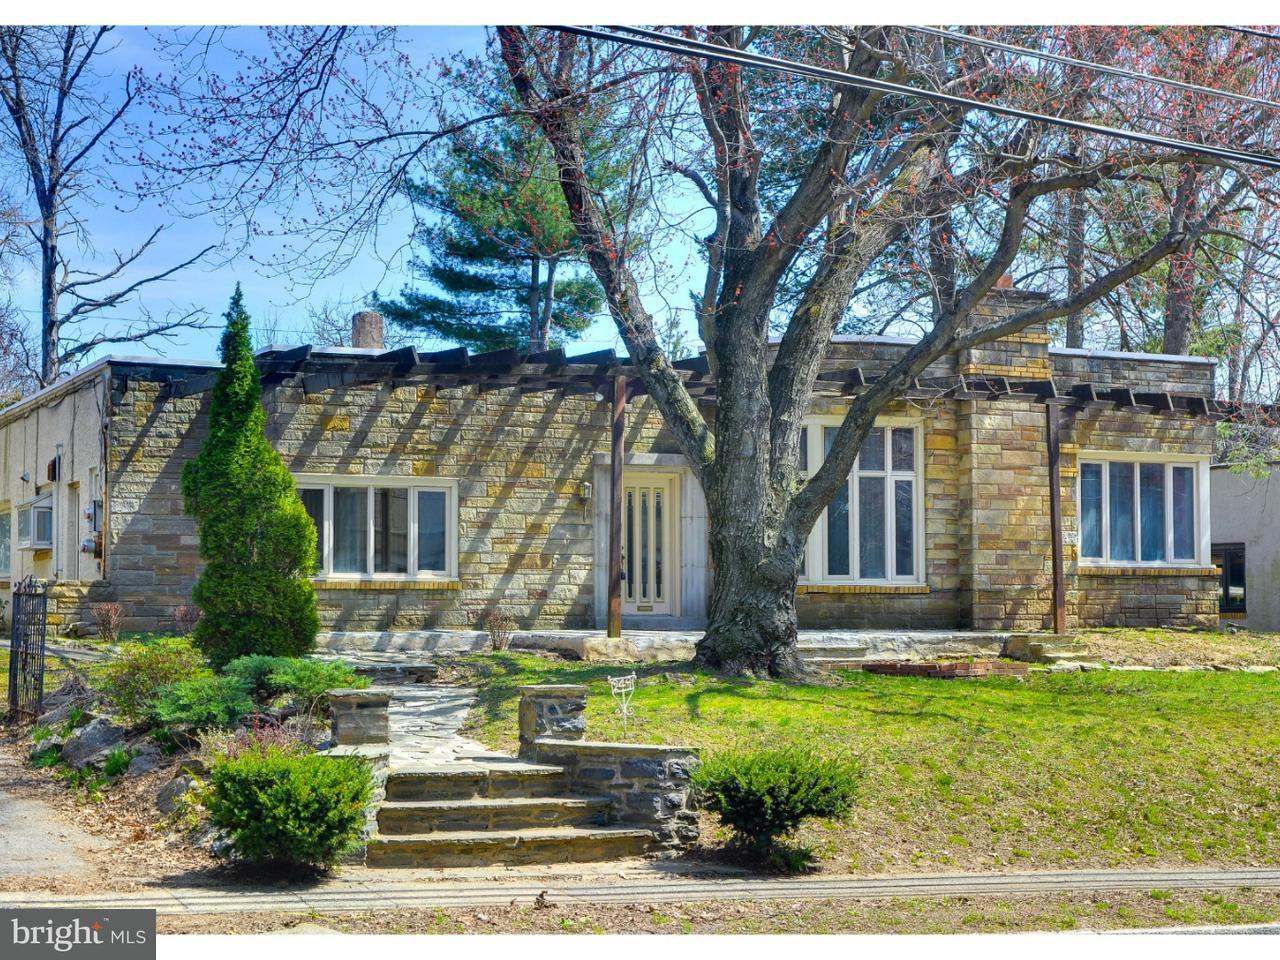 独户住宅 为 出租 在 249 HAVERFORD Road Wynnewood, 宾夕法尼亚州 19096 美国